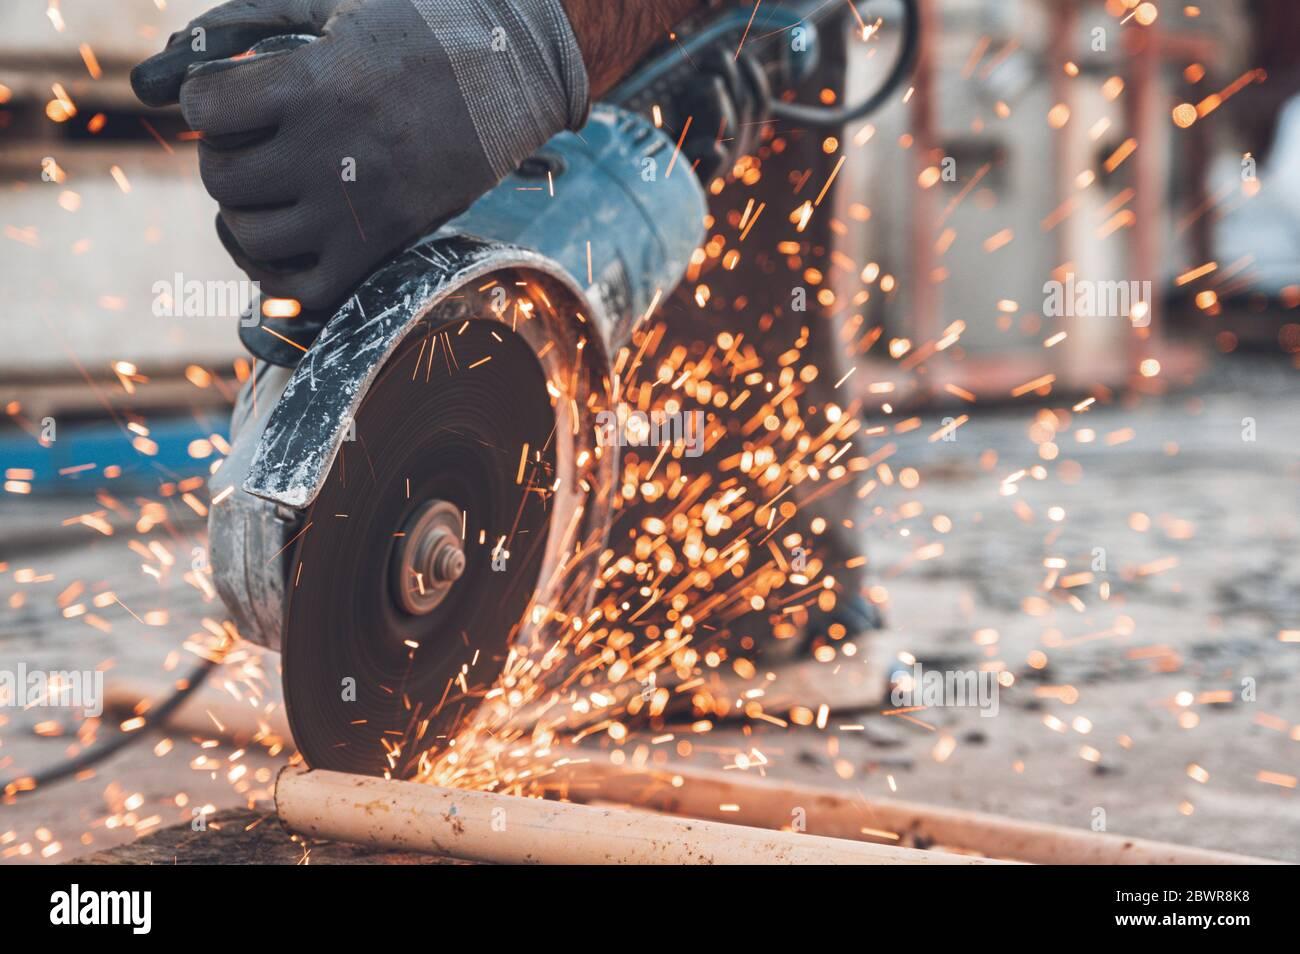 Addetto alla costruzione che utilizza una smerigliatrice angolare per tagliare il metallo nel cantiere. Foto Stock